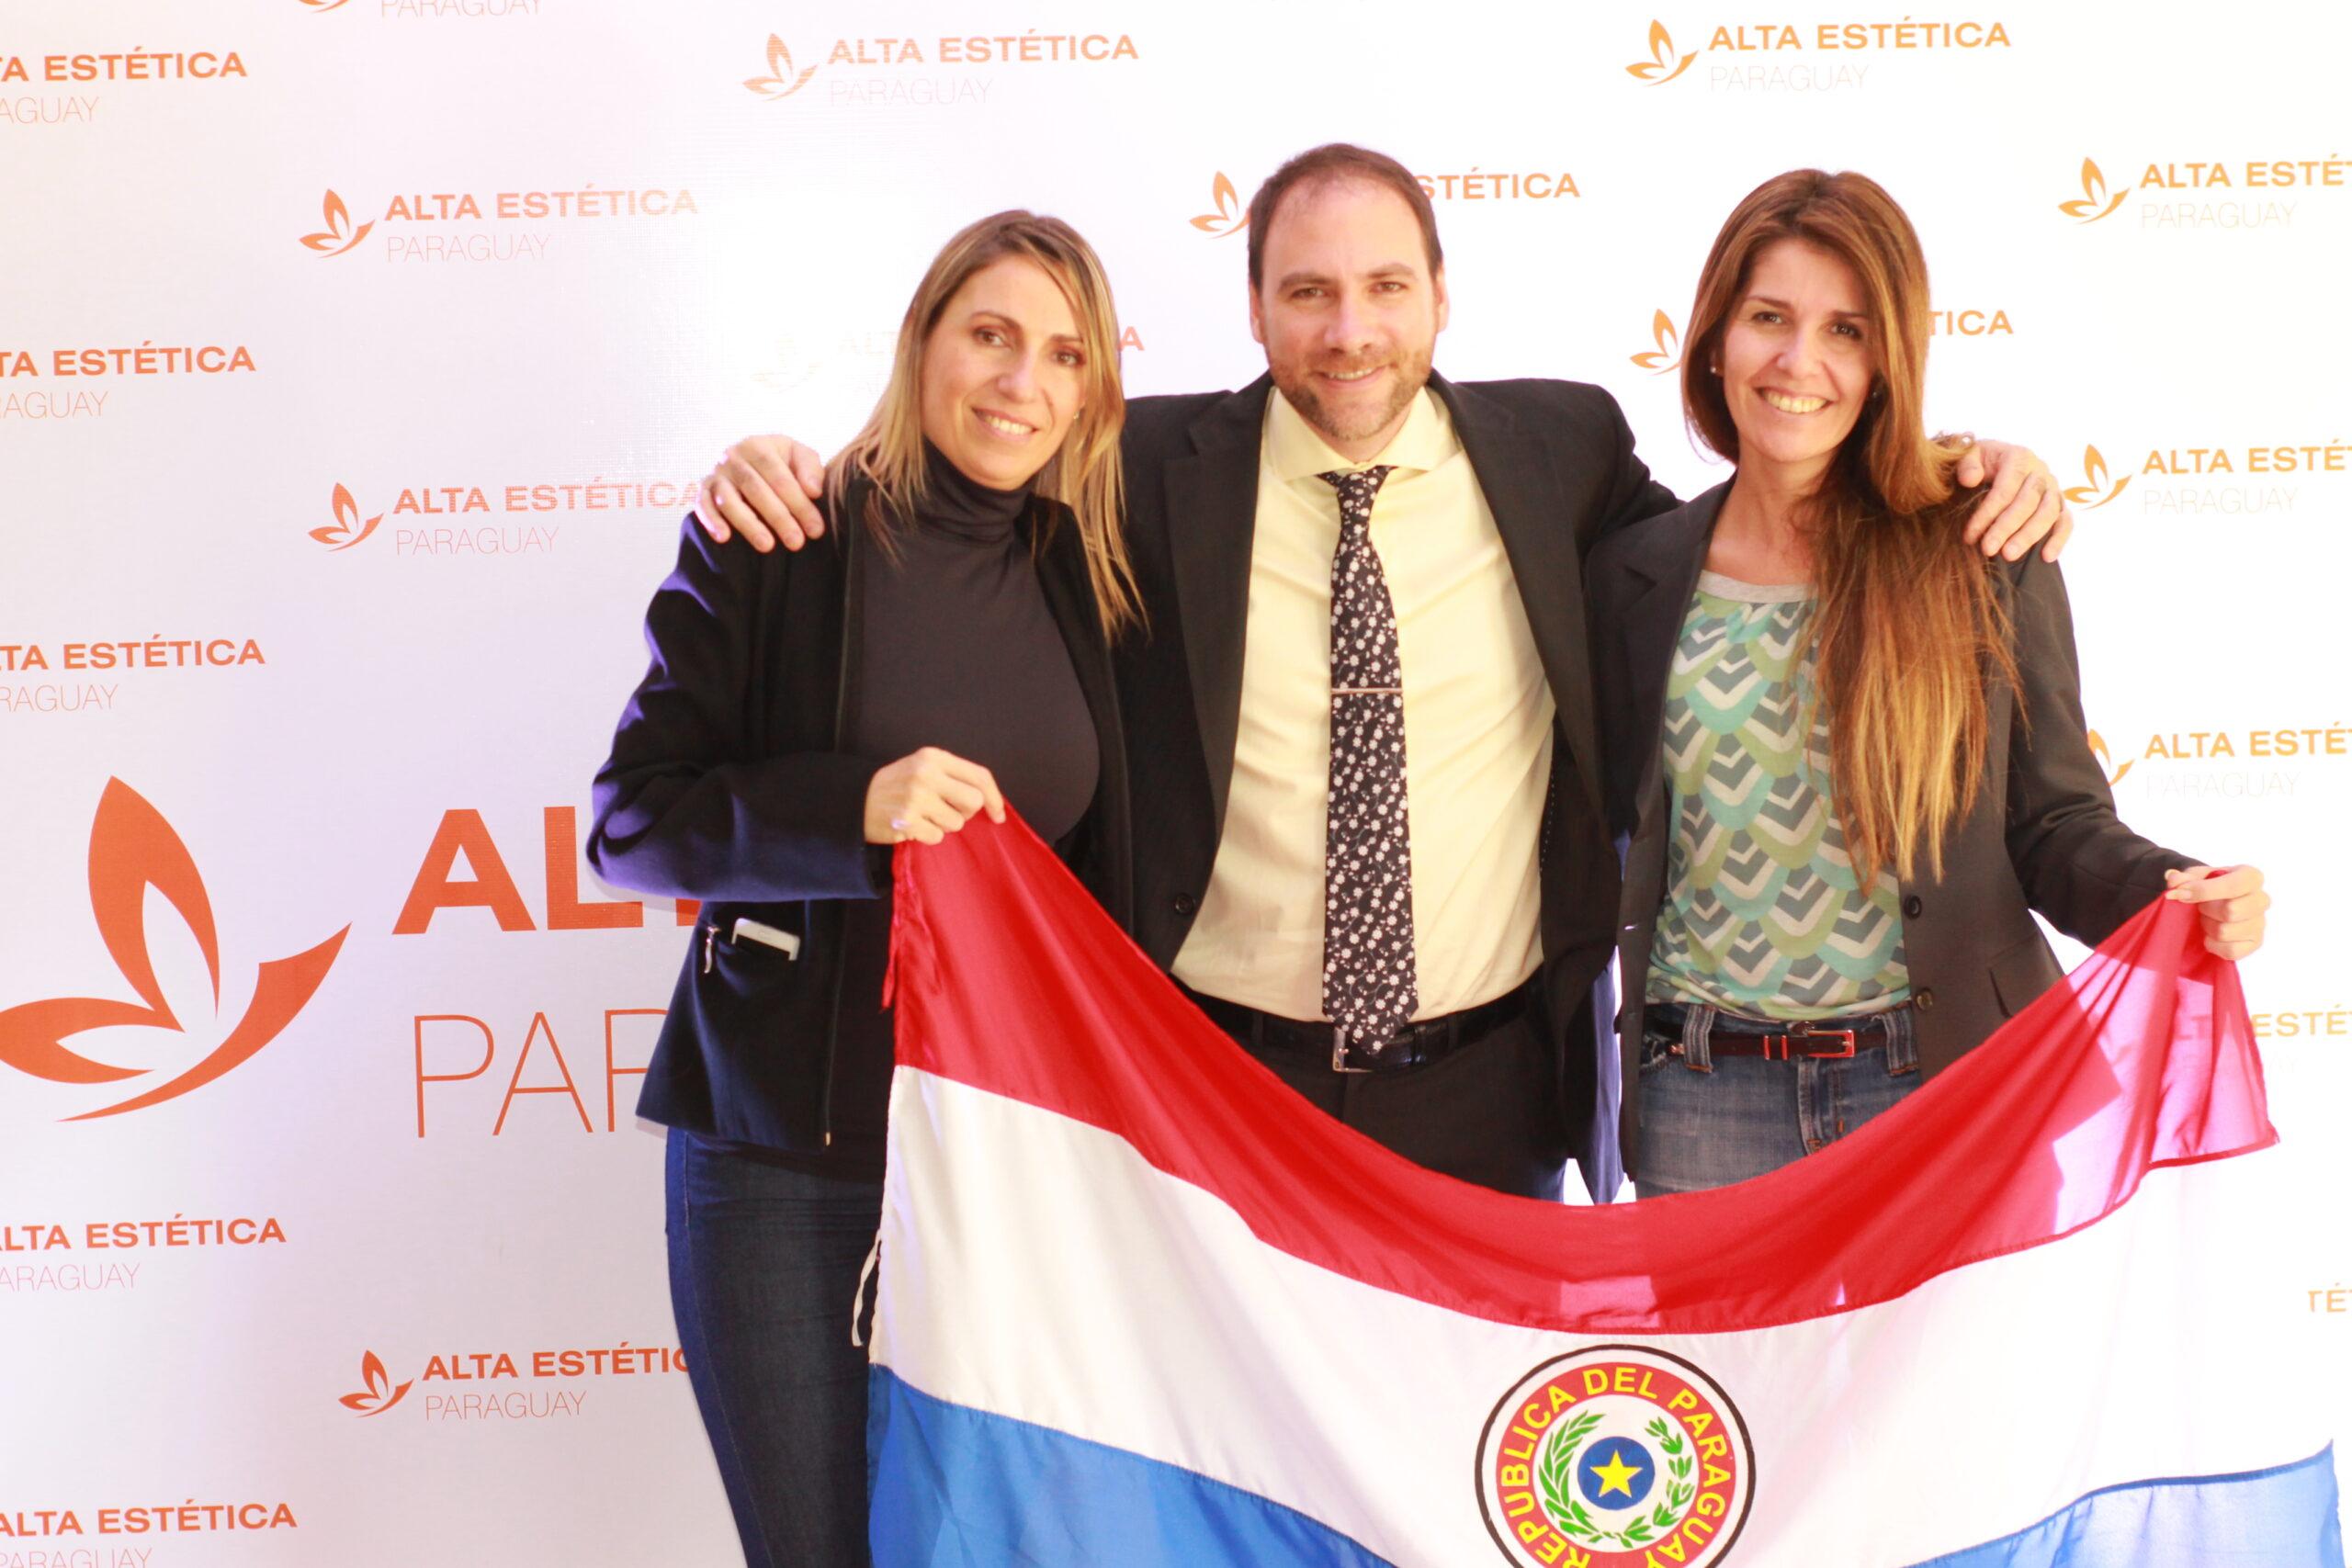 Junto a Eleonora Gallo y Natalia Bonaldi en el Congreso Internacional Alta Estética Paraguay, Asunción, 2016.